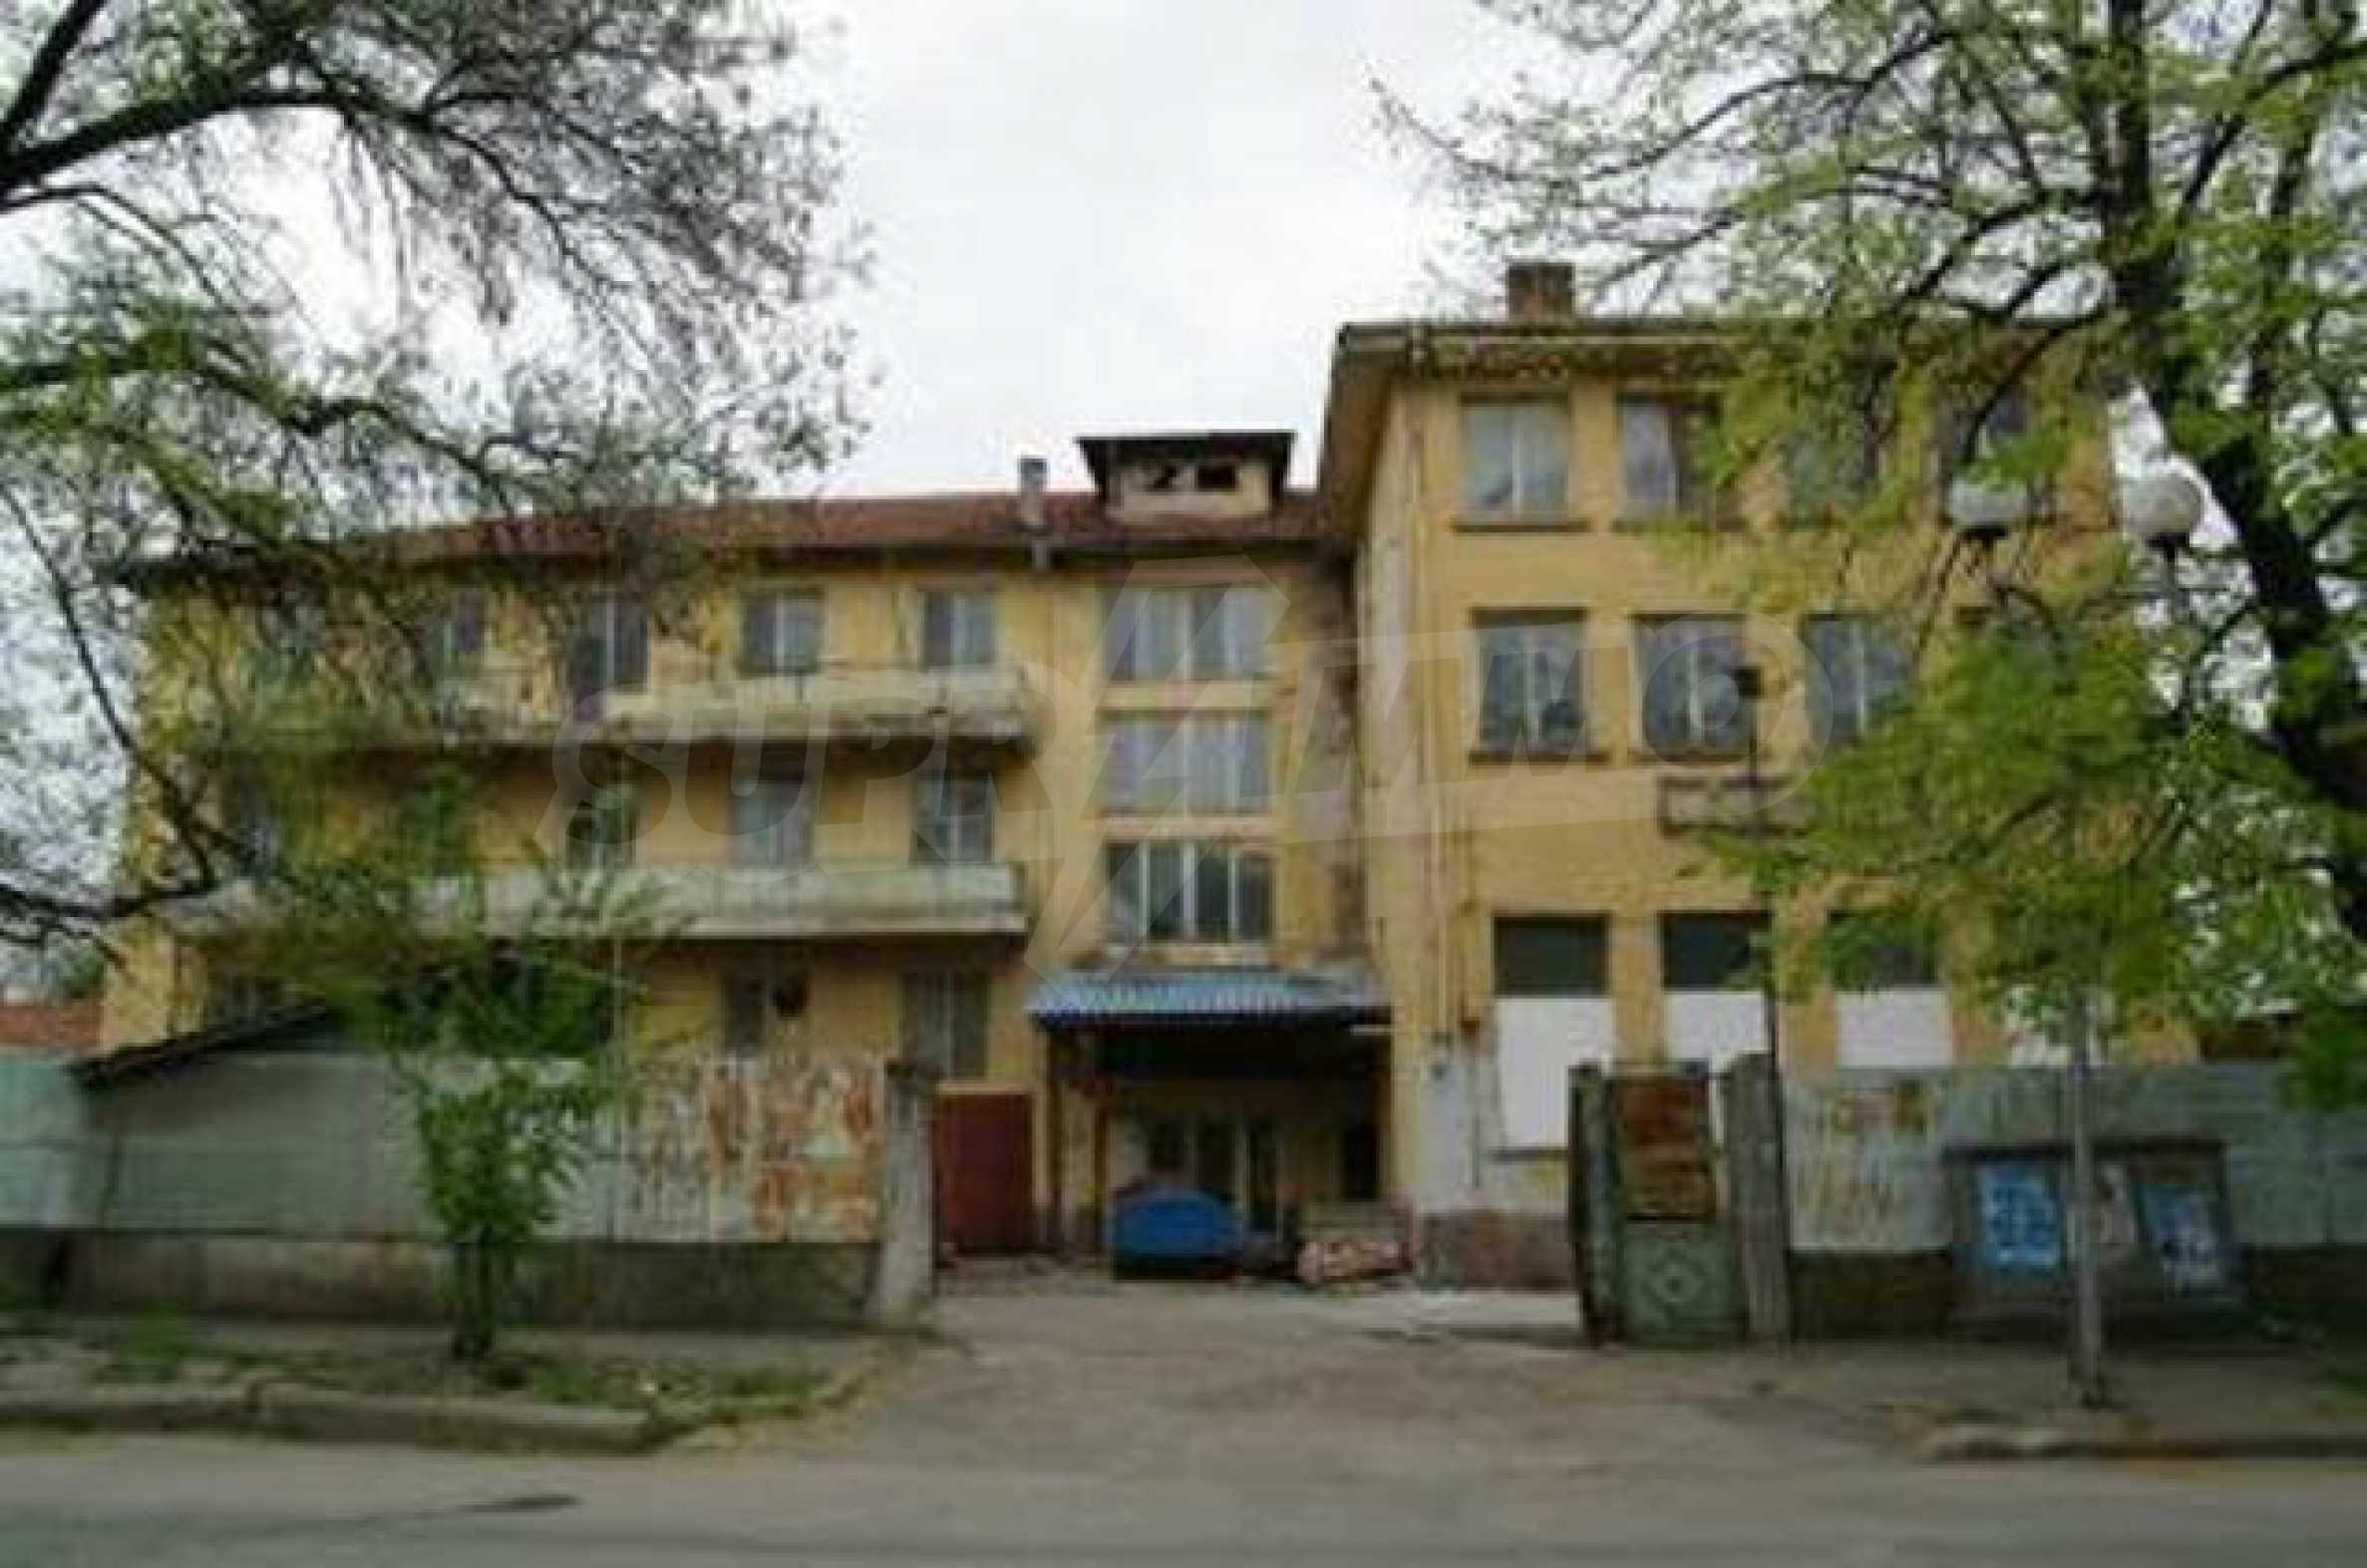 Massives dreistöckiges Lagerhaus in einer Stadt 40 km von Veliko Tarnovo entfernt 5